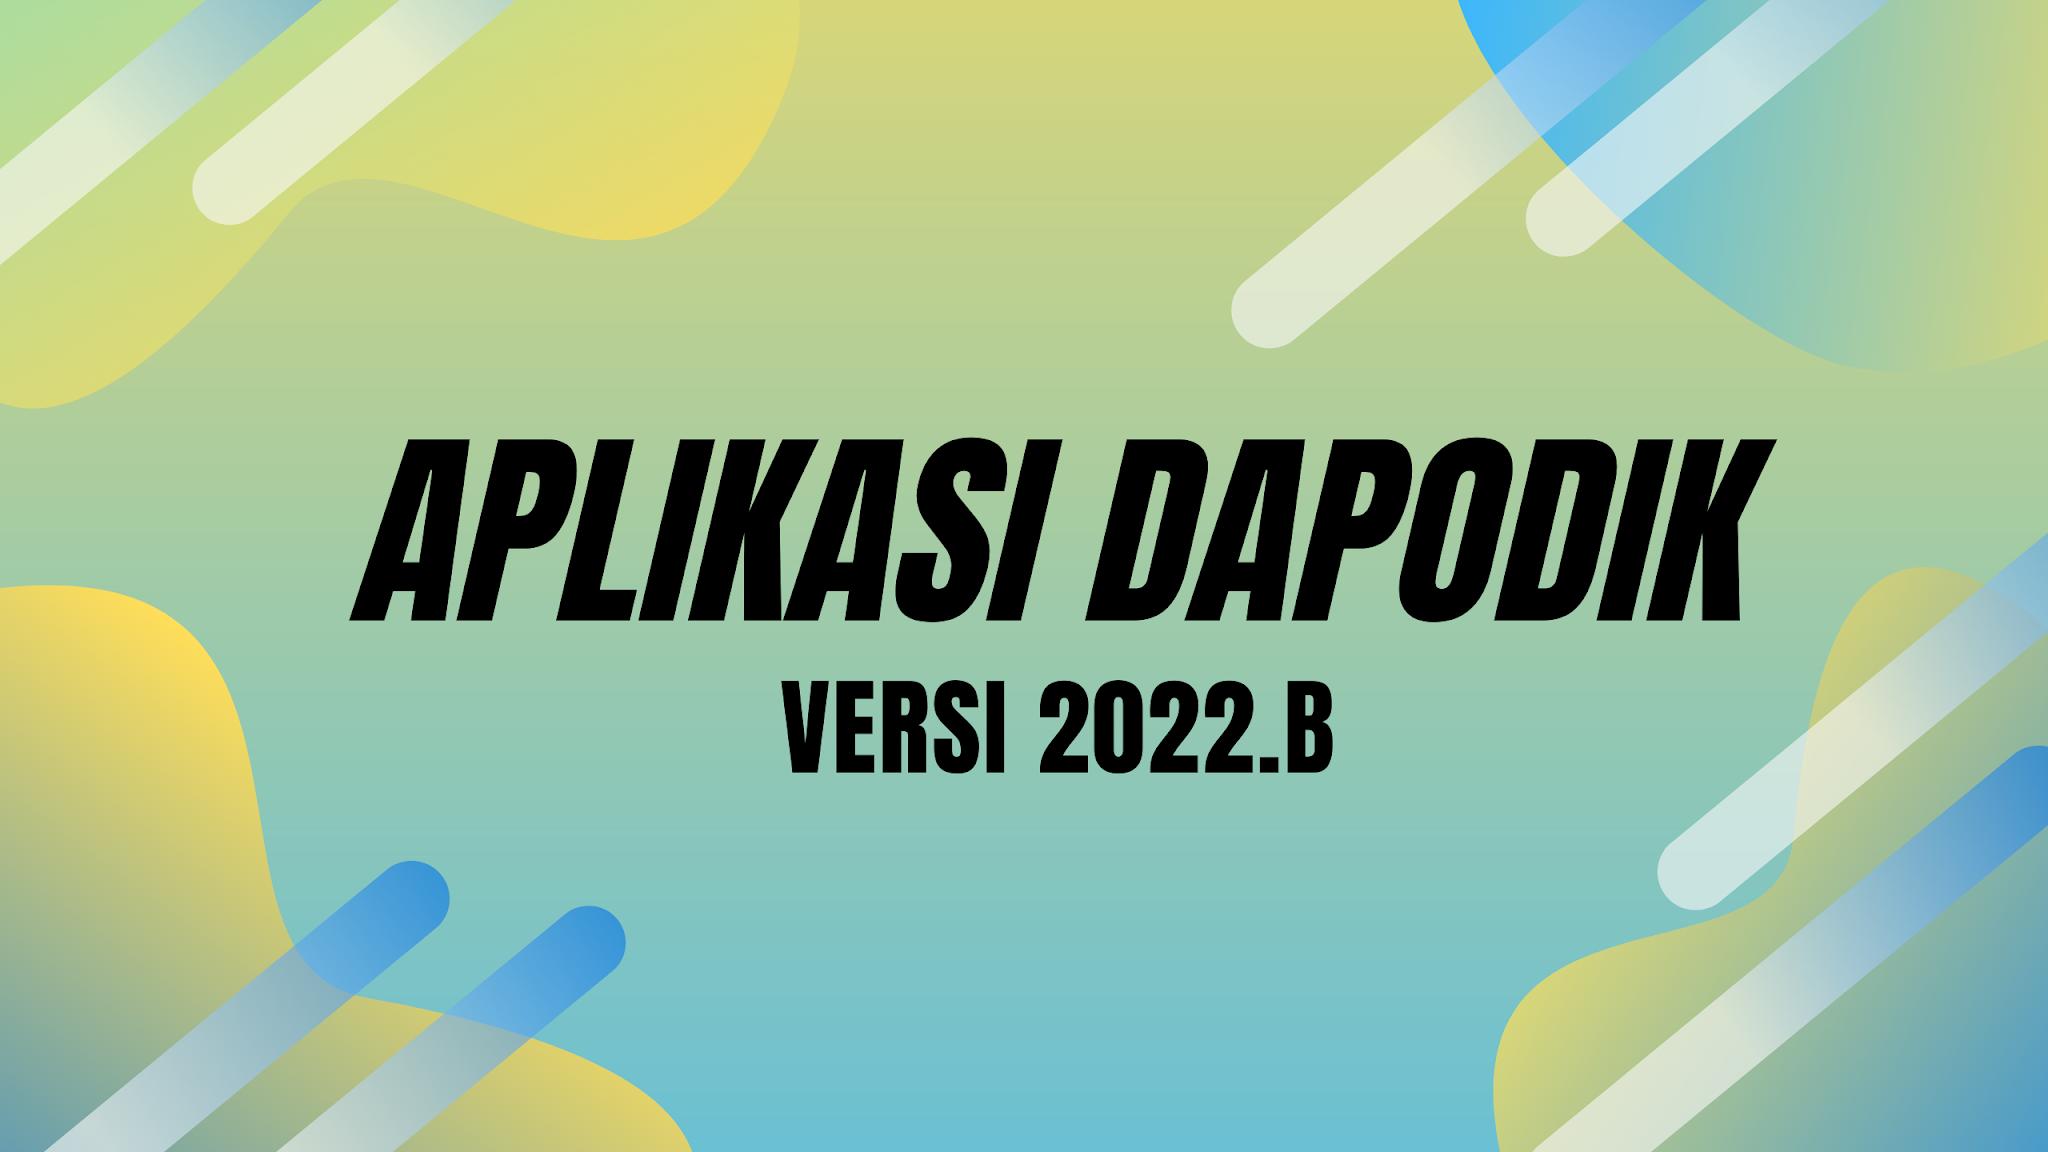 gambar aplikasi dapodik 2022 B